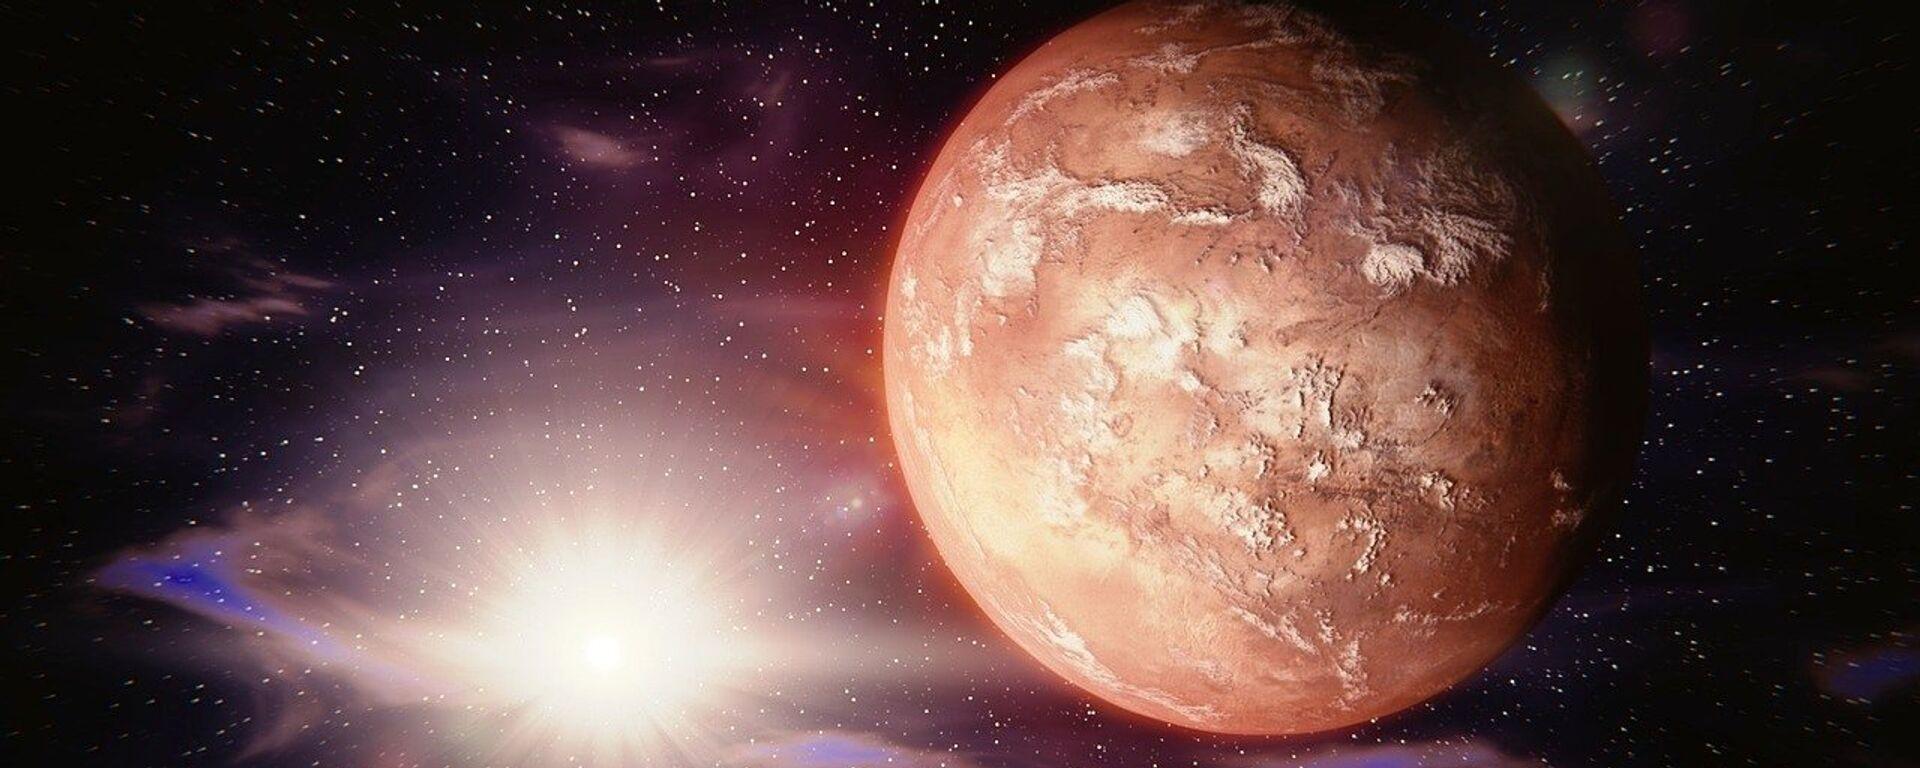 Marte - Sputnik Mundo, 1920, 09.02.2021